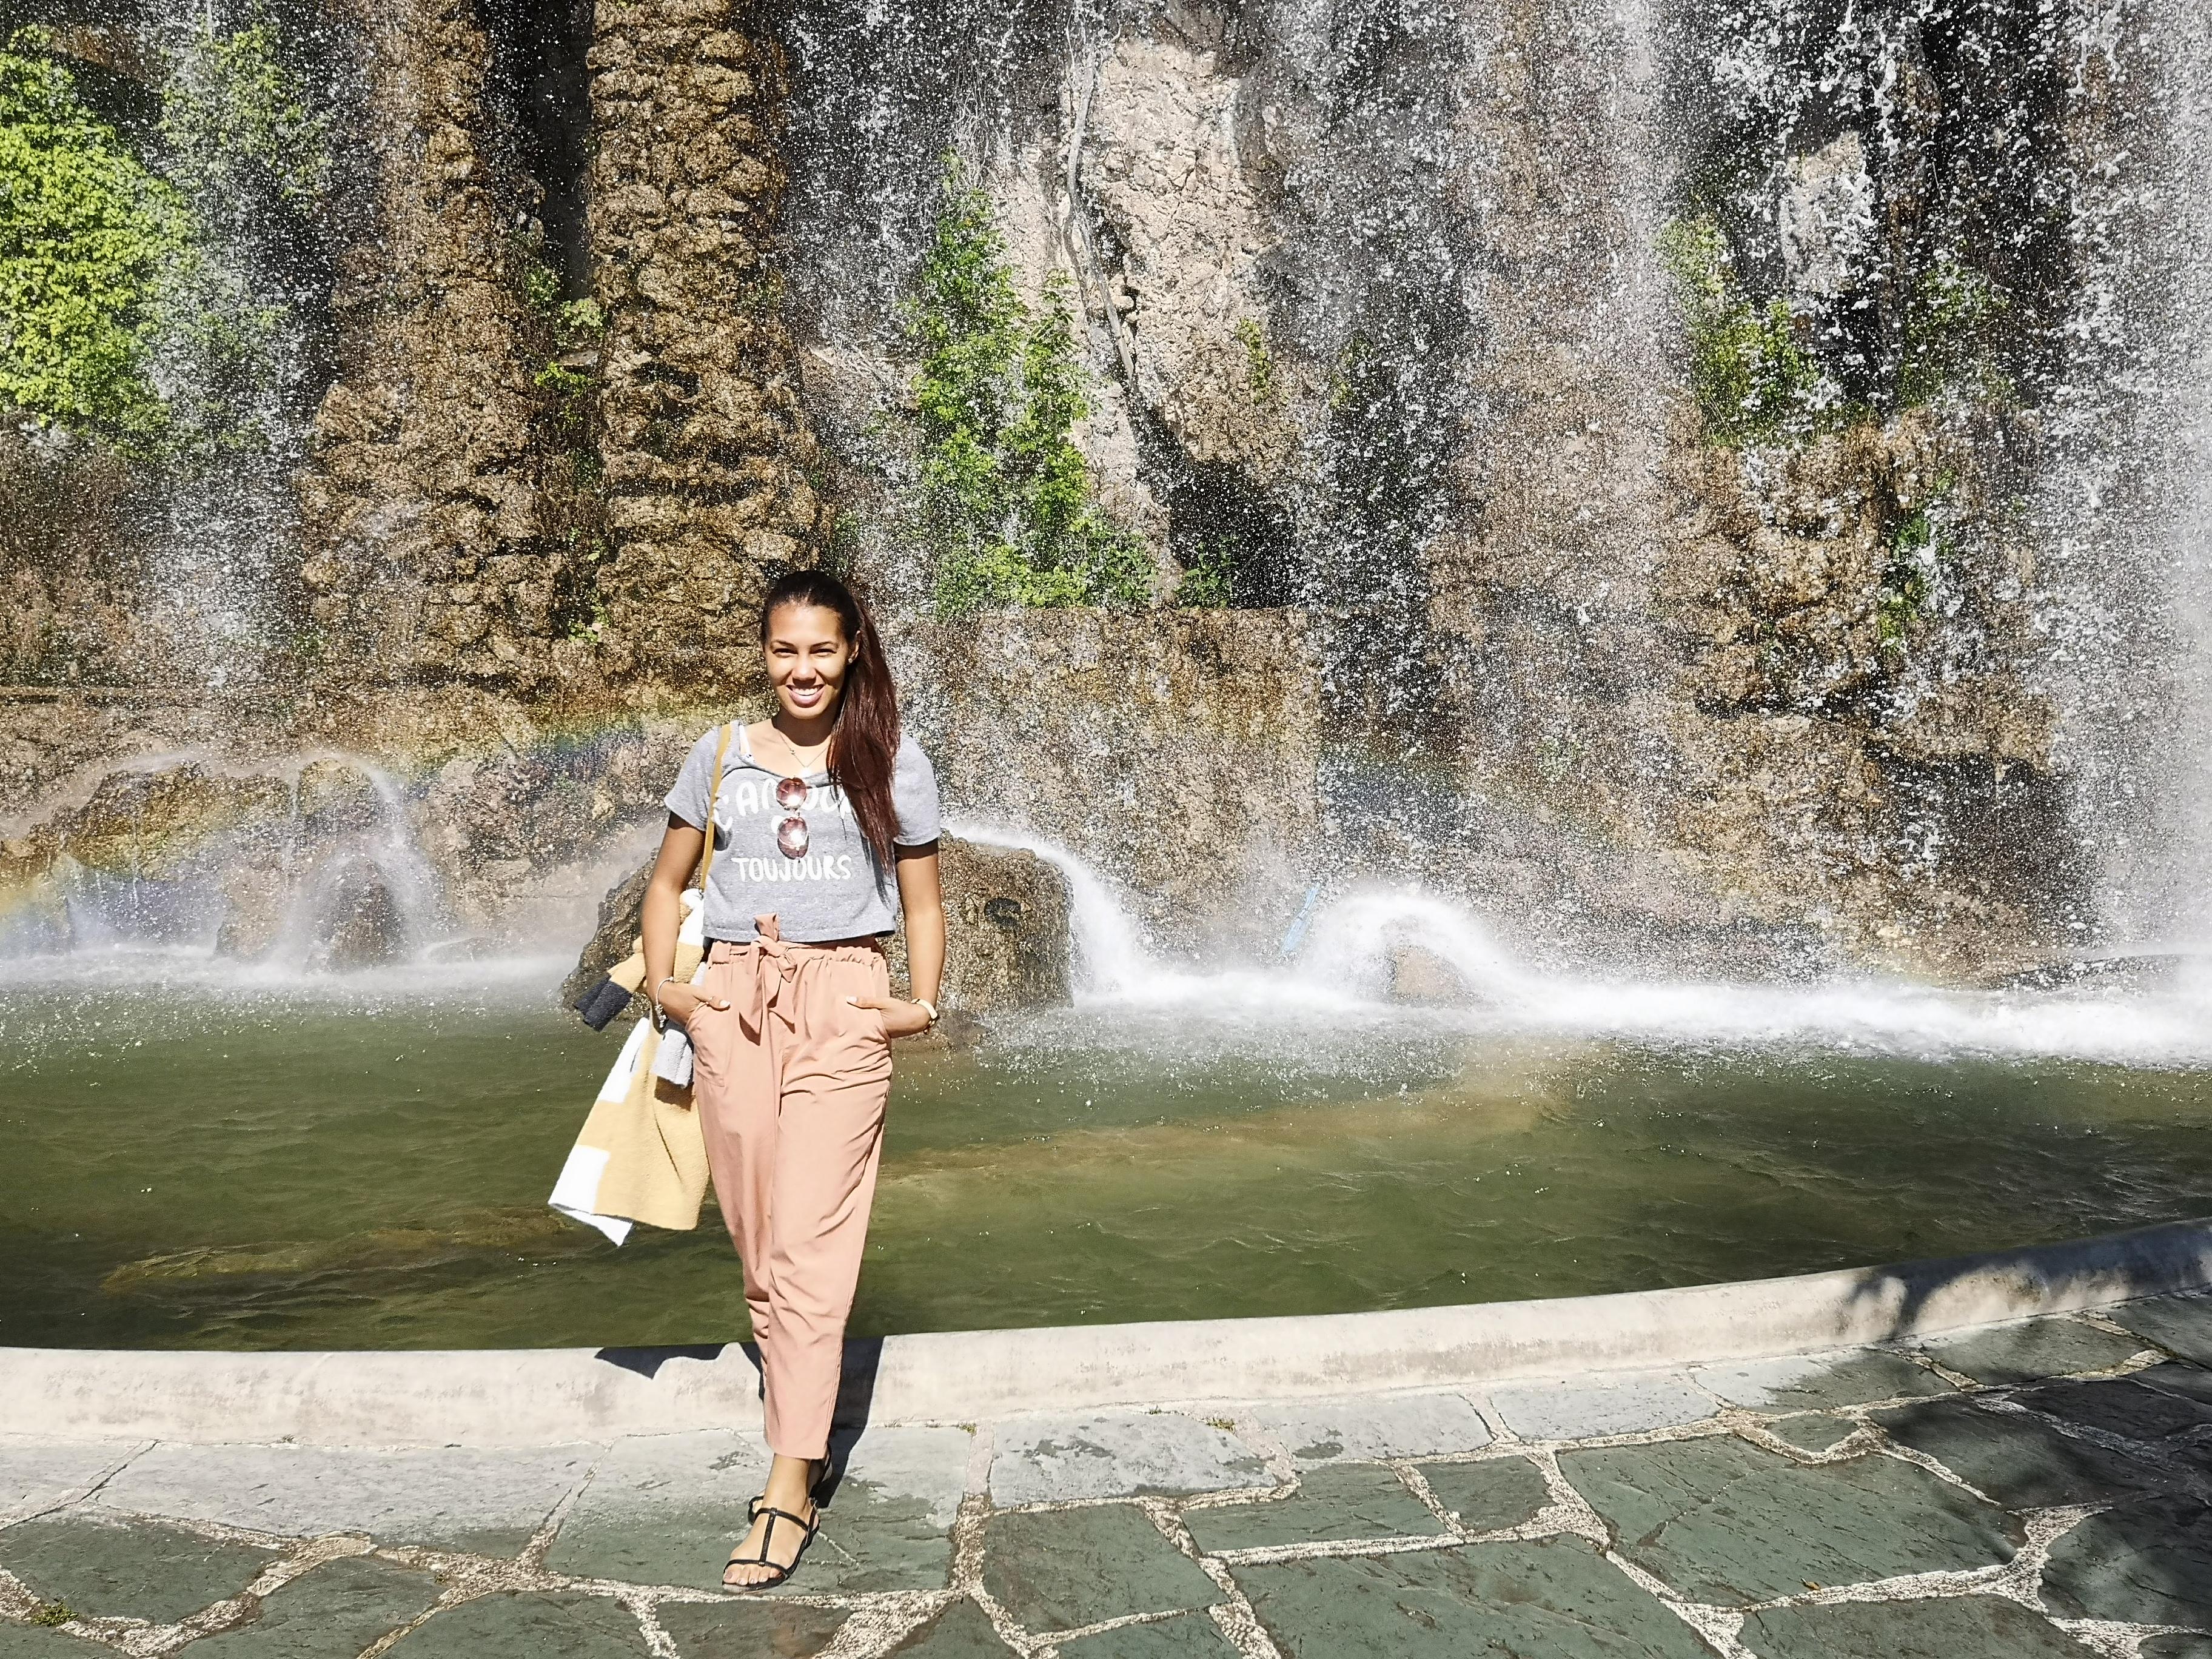 Waterfall, Chateau, Nice